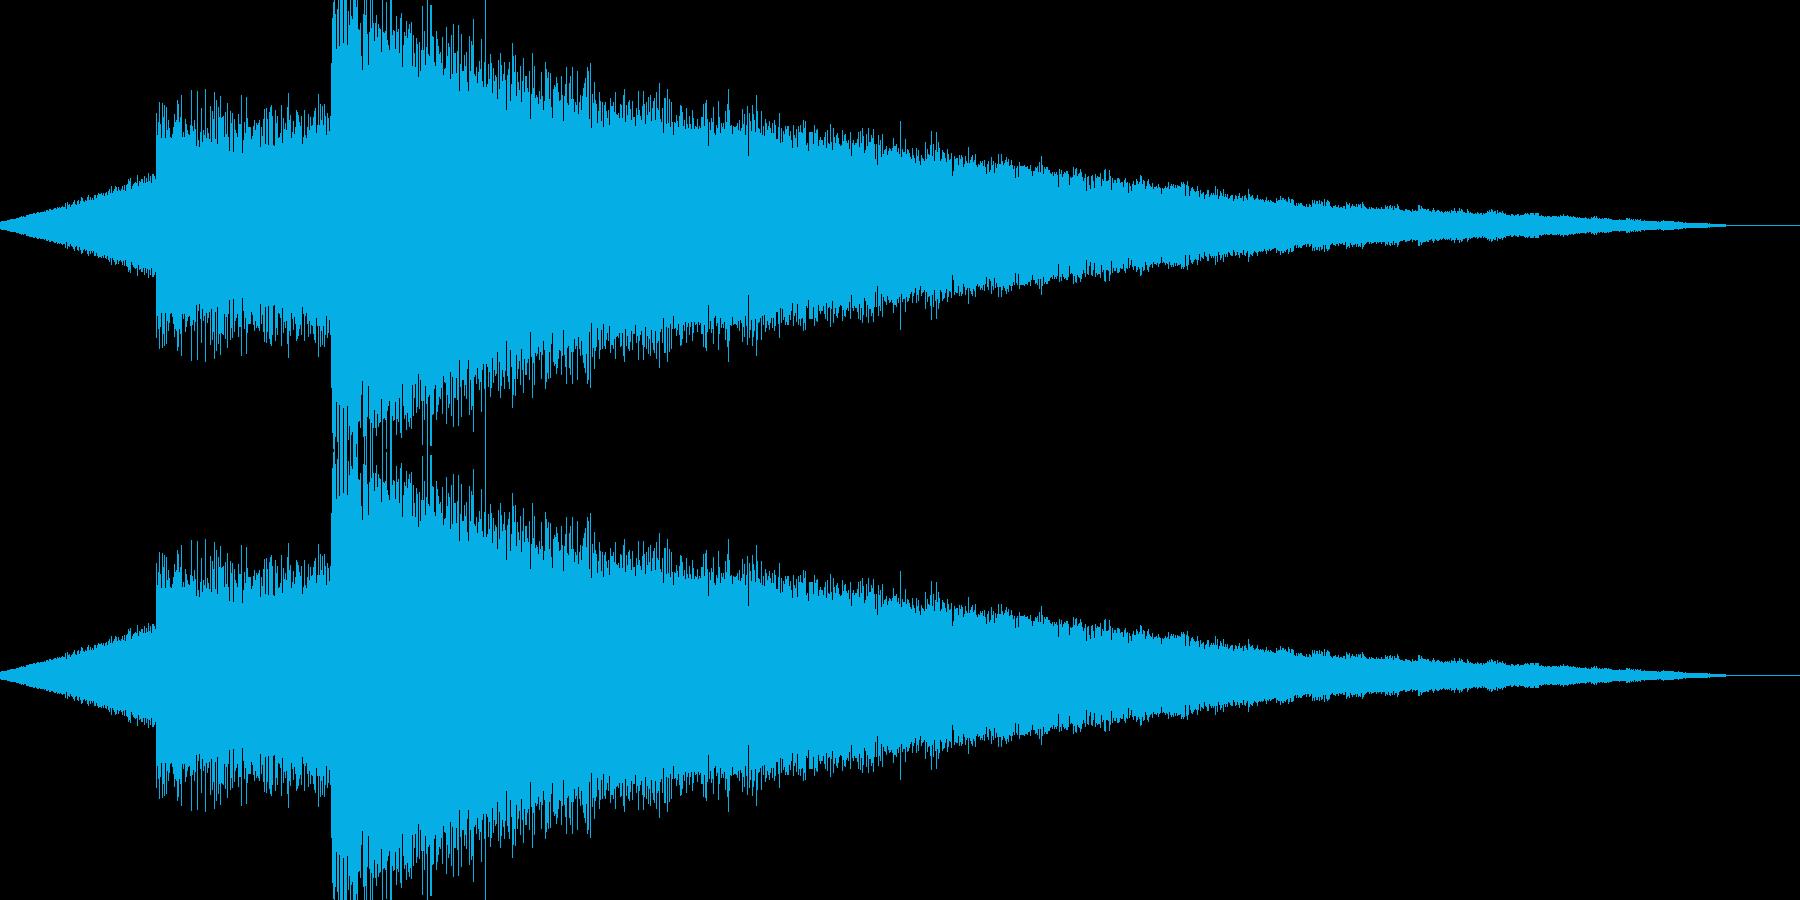 レトロゲーム風魔法・バリアや氷系3の再生済みの波形